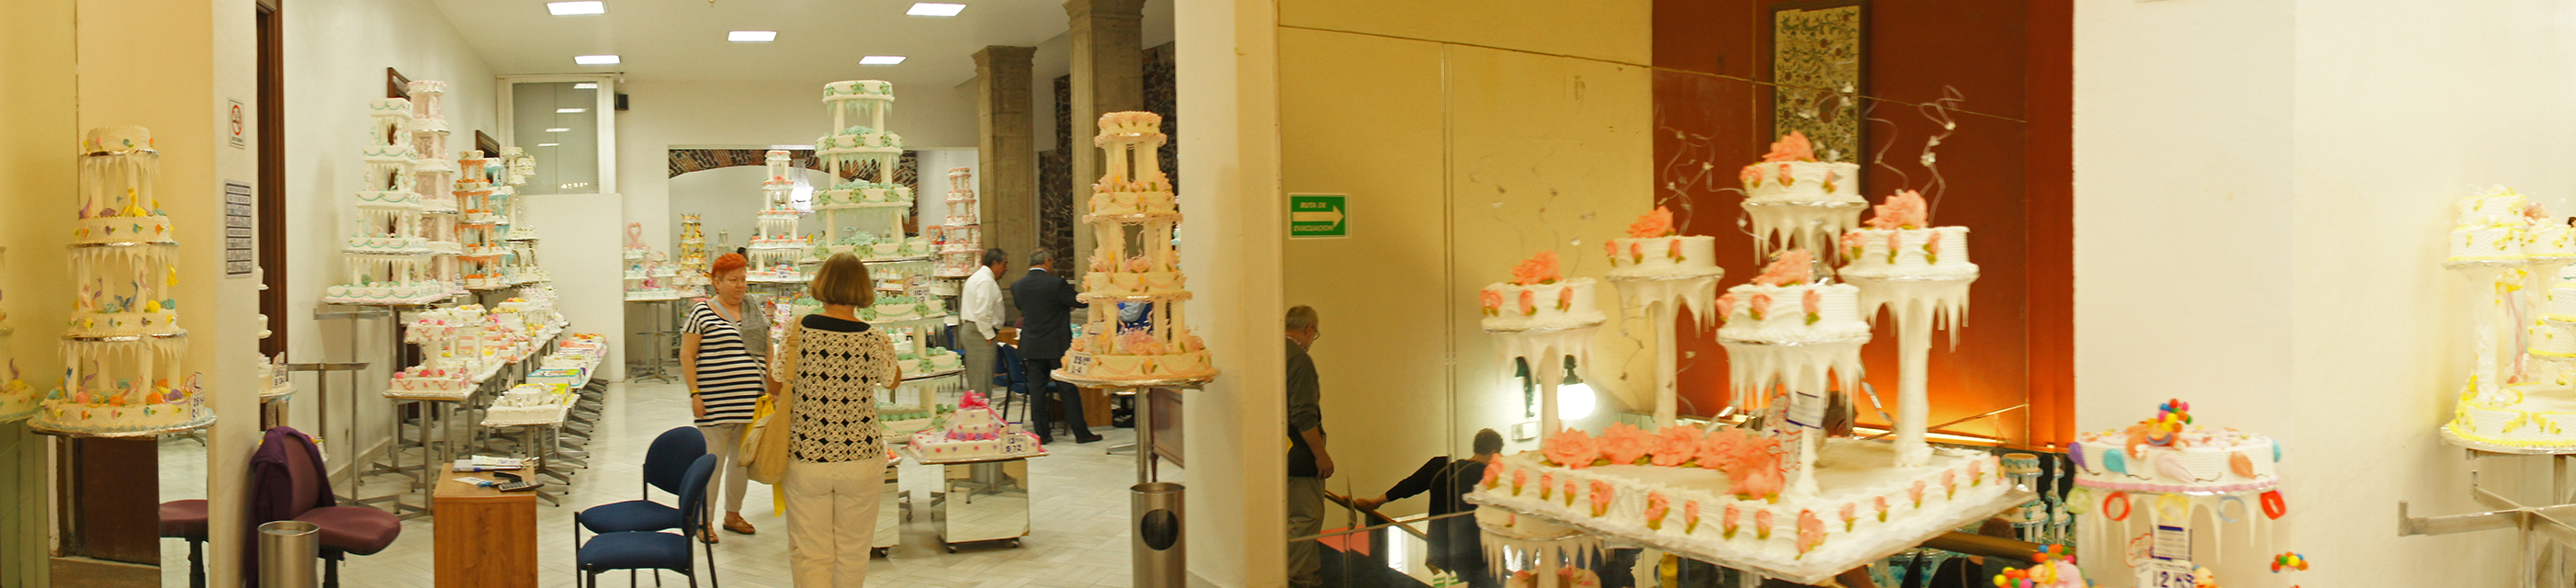 Cukiernia w stolicy Mexico